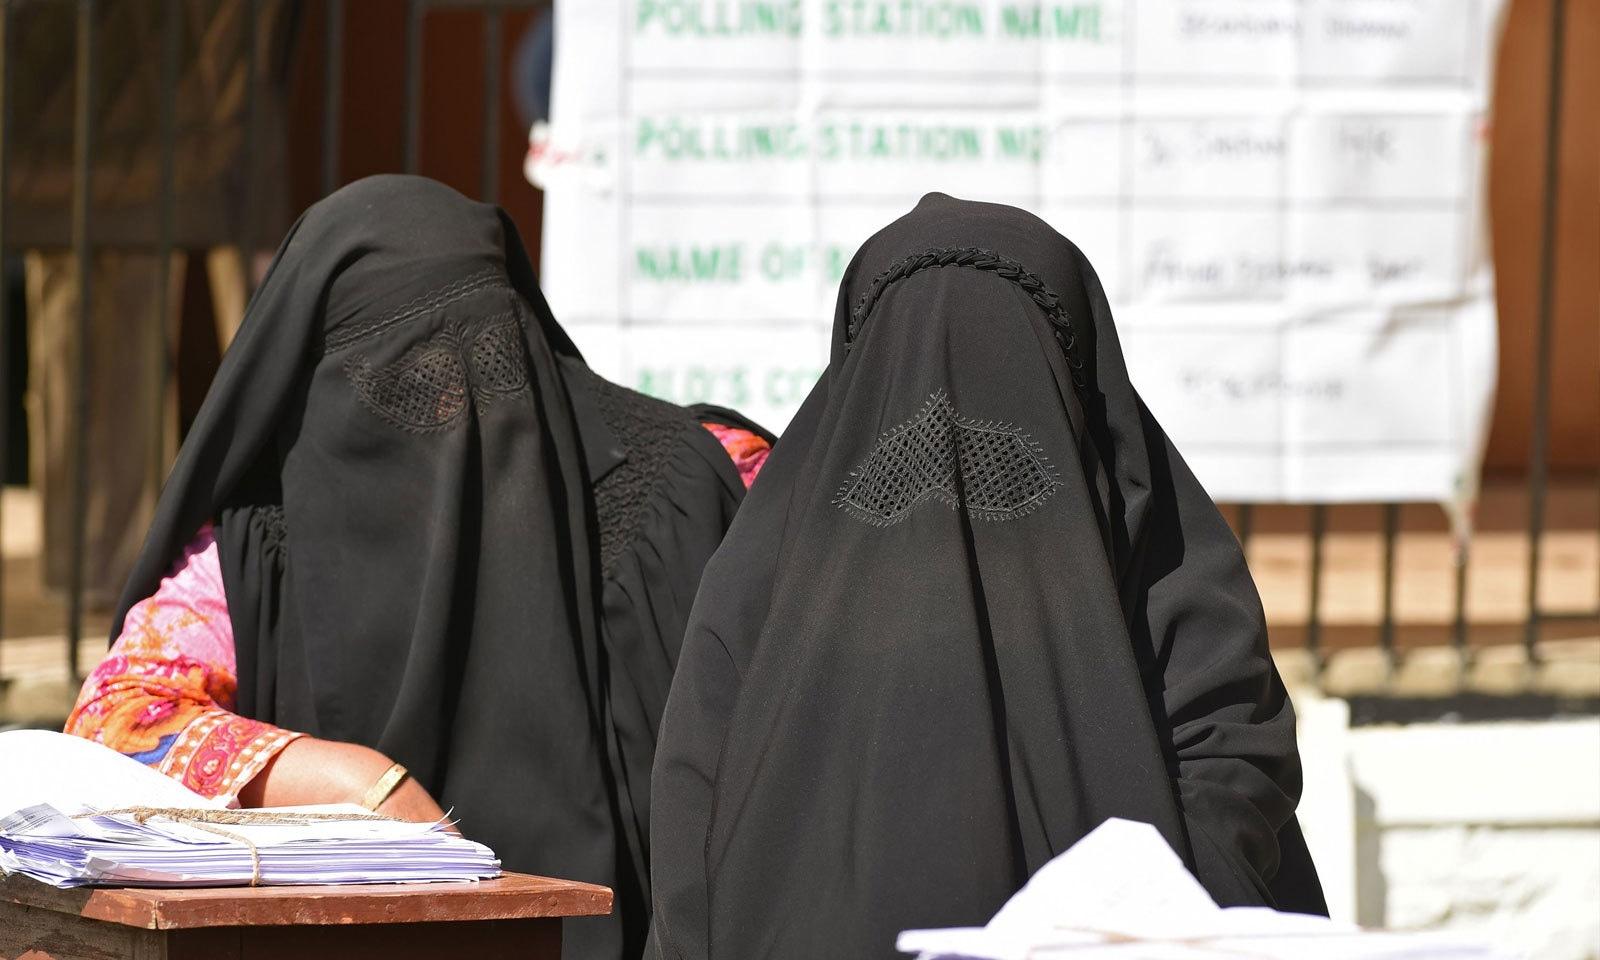 مقبوضہ کشمیر میں برقع پوش خواتین پولنگ ایجنٹس کے فرائض انجام دے رہی ہیں — فوٹو: اے ایف پی